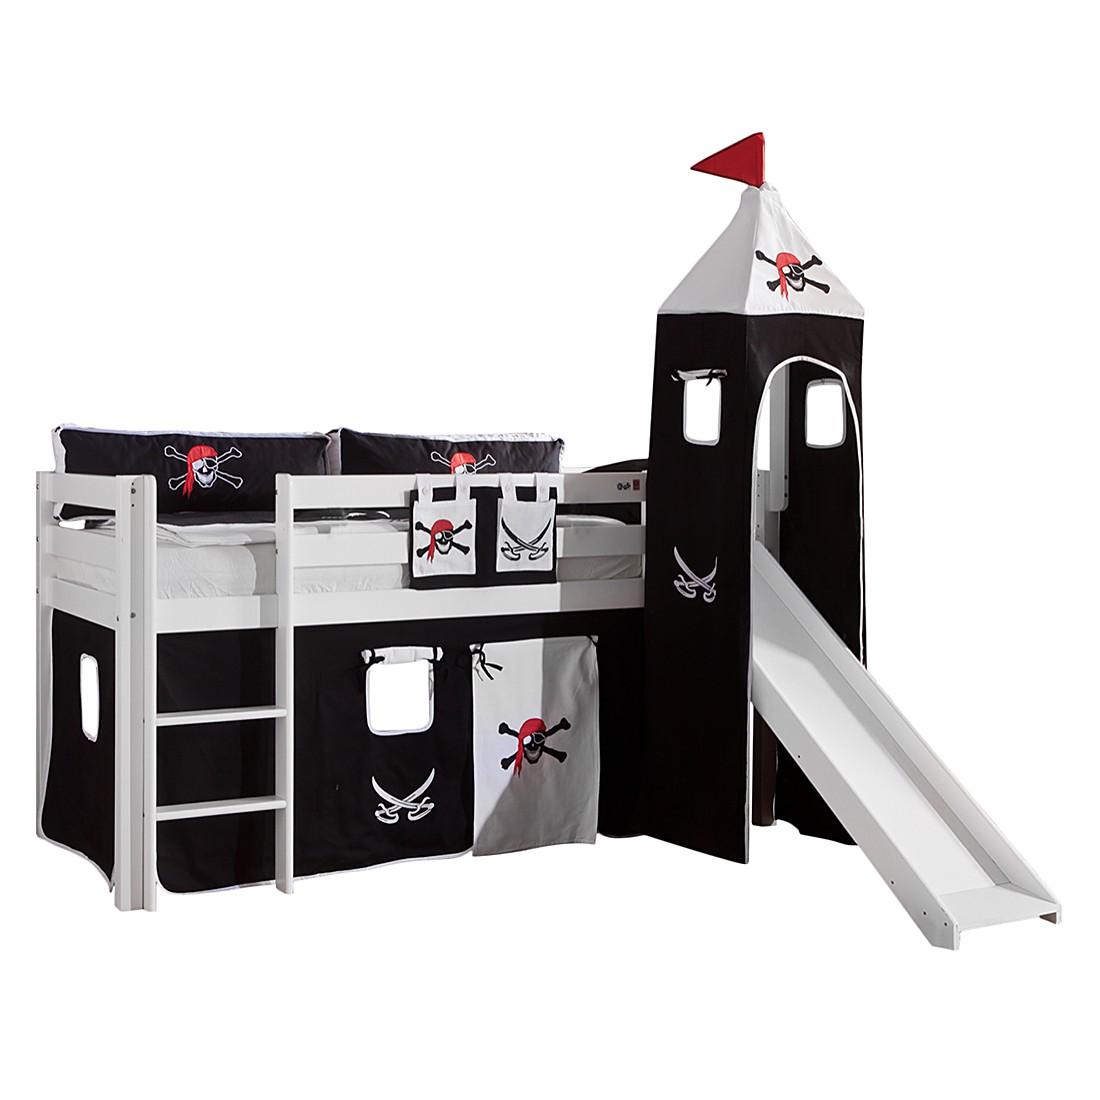 Spielbett Alex - mit Rutsche, Vorhang, Turm und Tasche Buche weiß/Textil Pirat, Relita